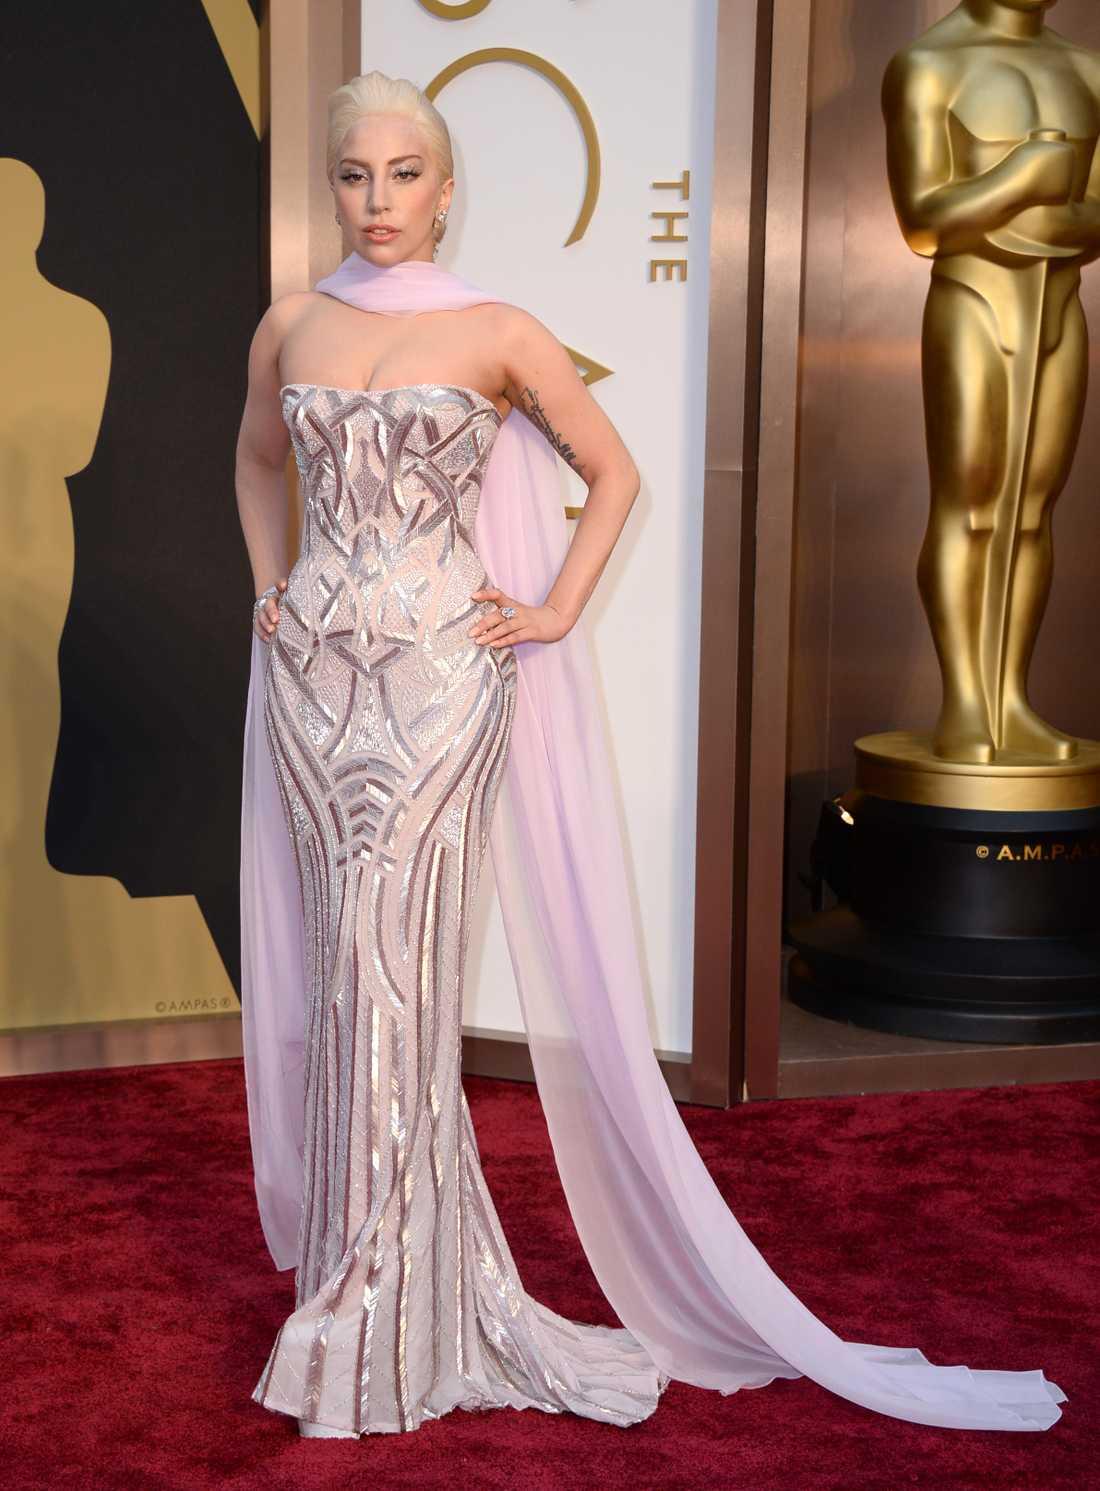 """+++ Lady Gaga: """"Wow! Vilken sköld av glamour från Versace! Tycker det är lite synd att hon har dragit med sig den där sjalen, den förstör mer än den ger. Detaljerna i den här klänningen är fantastiska, men jag blir alltid lite stressad av den här typen av urringningar. Men om någon fixar det så är det GaGa!"""""""